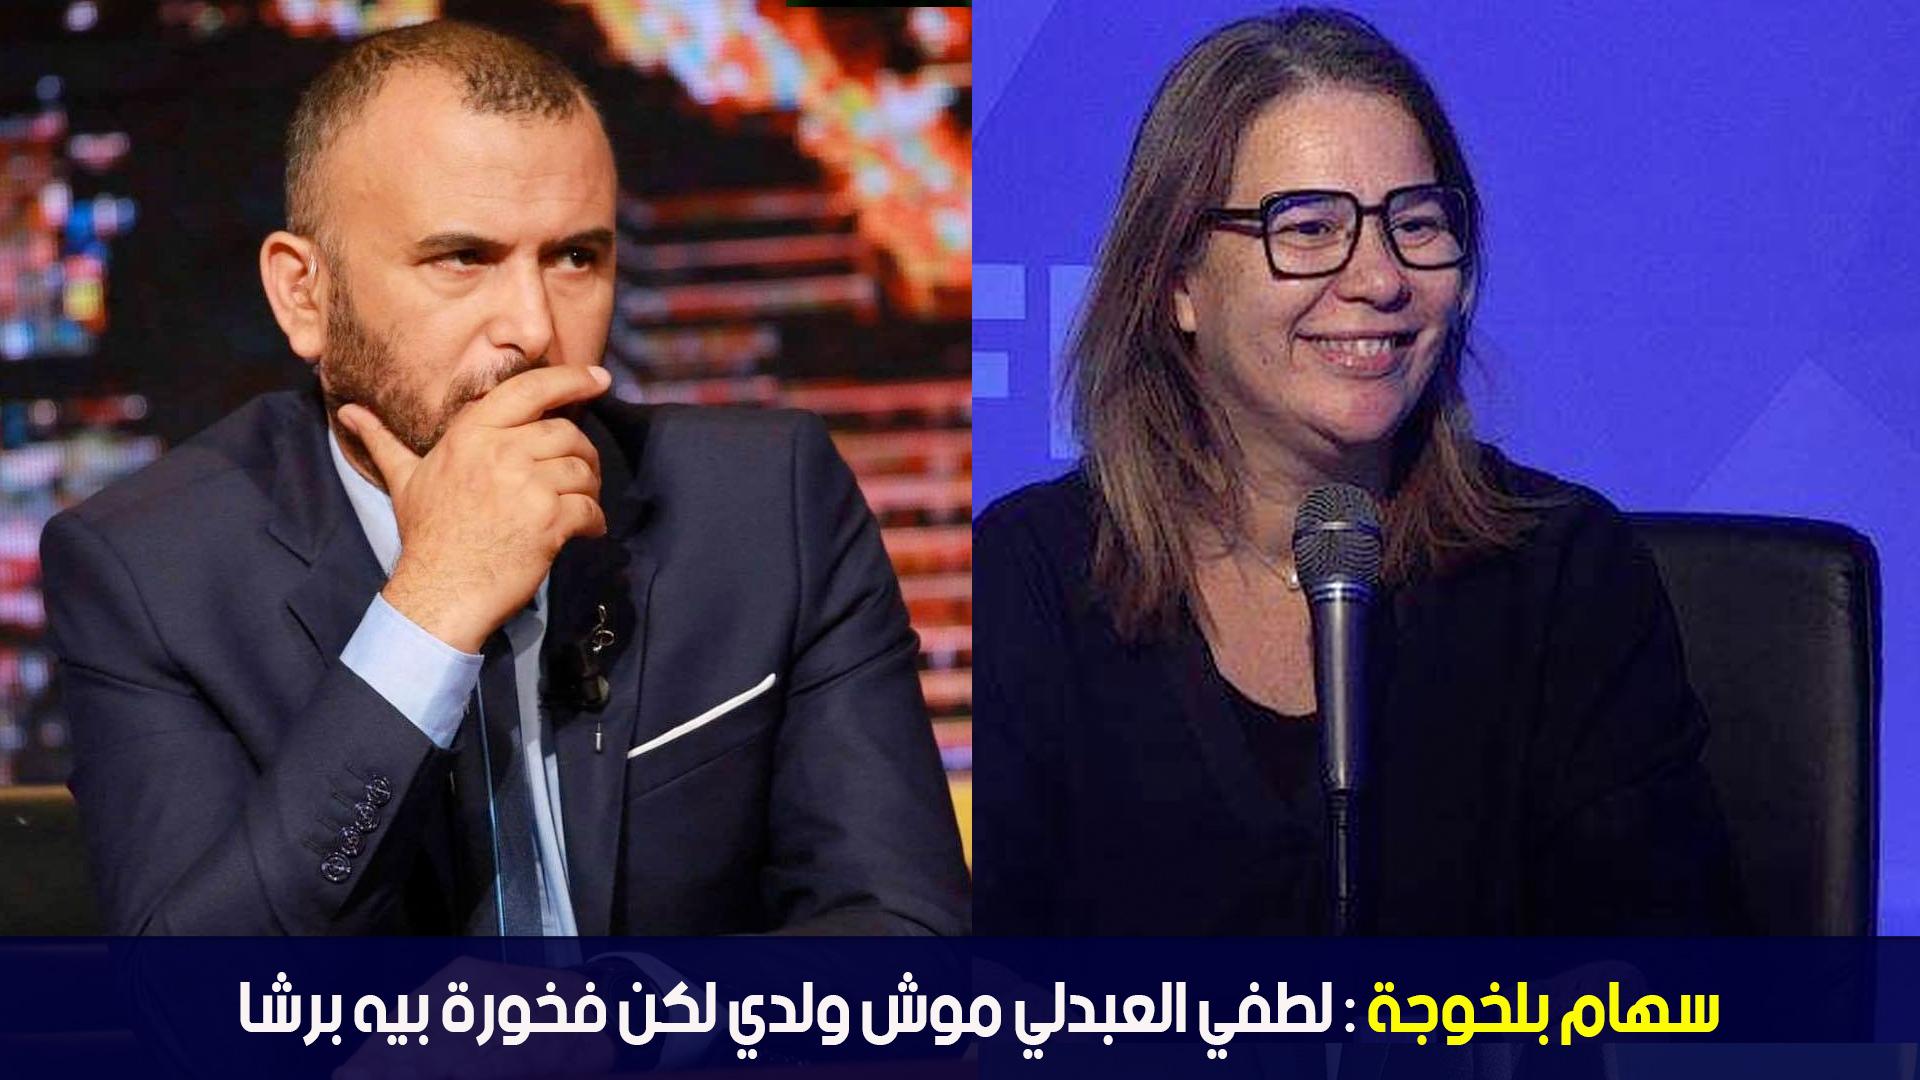 سهام بلخوجة : لطفي العبدلي موش ولدي لكن فخورة بيه برشا